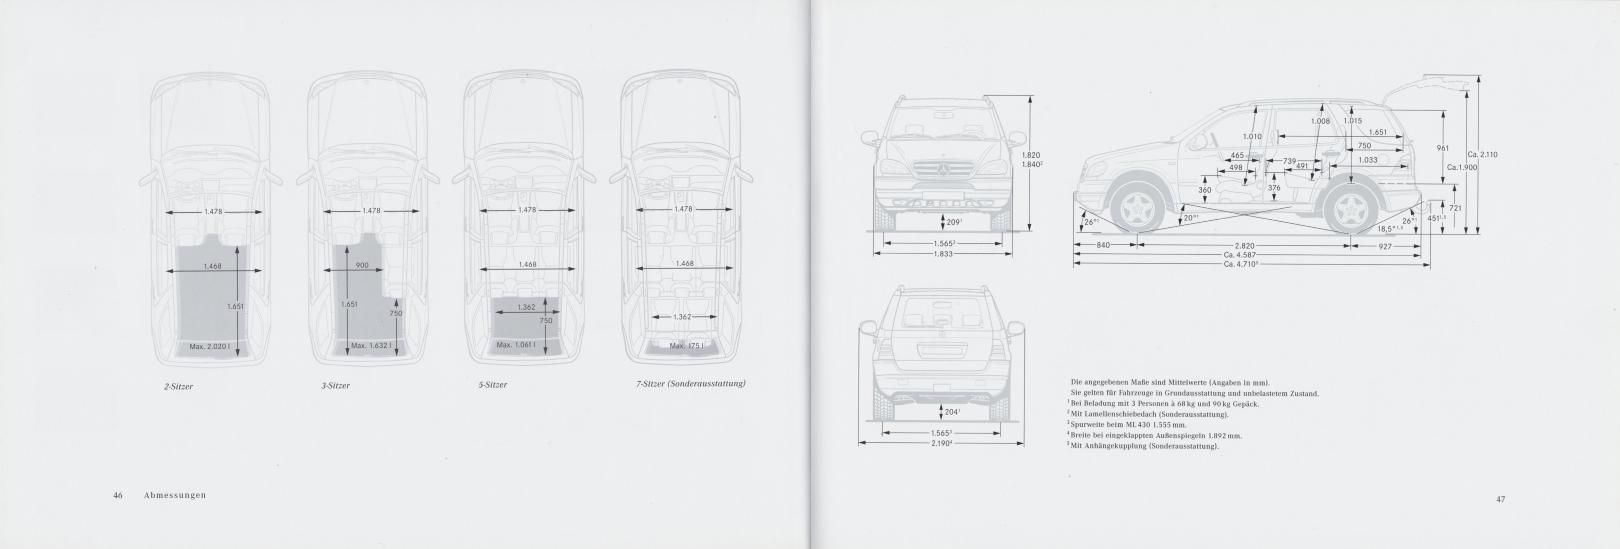 (W163): Catálogo 2000 - alemão 025